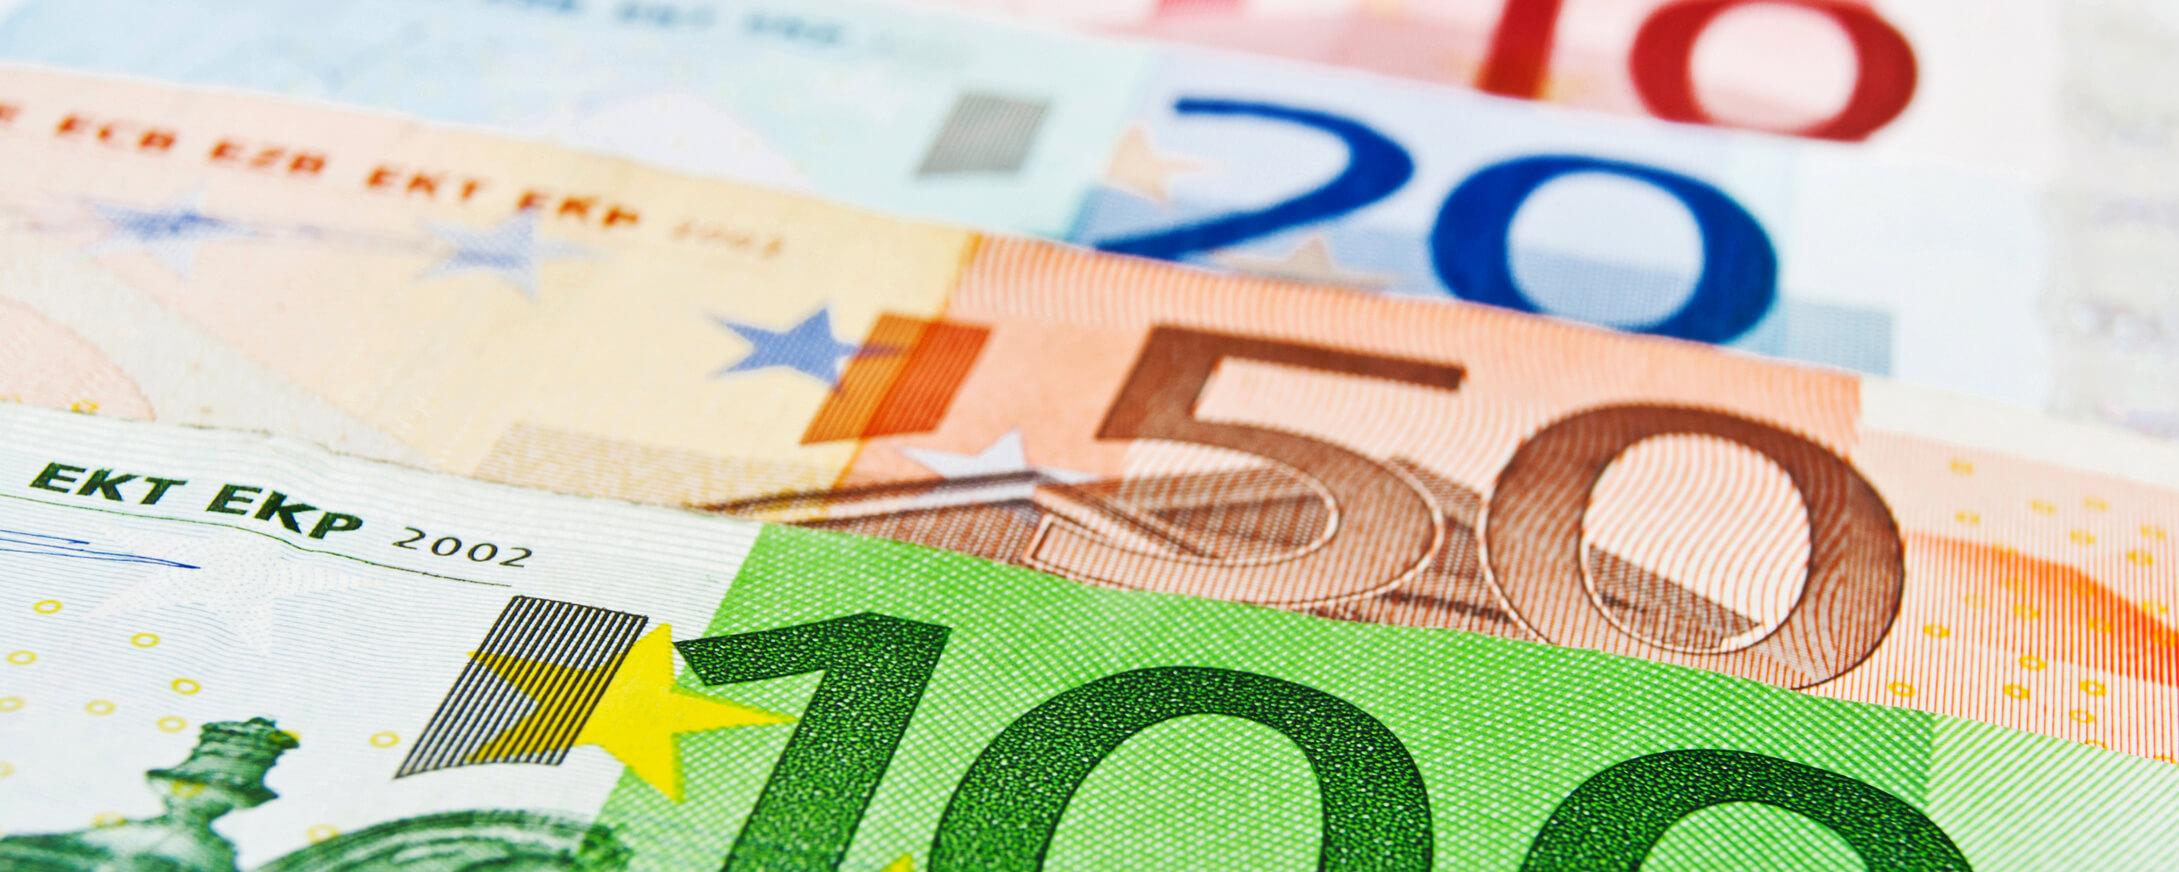 Paysafecard Rechnungskauf